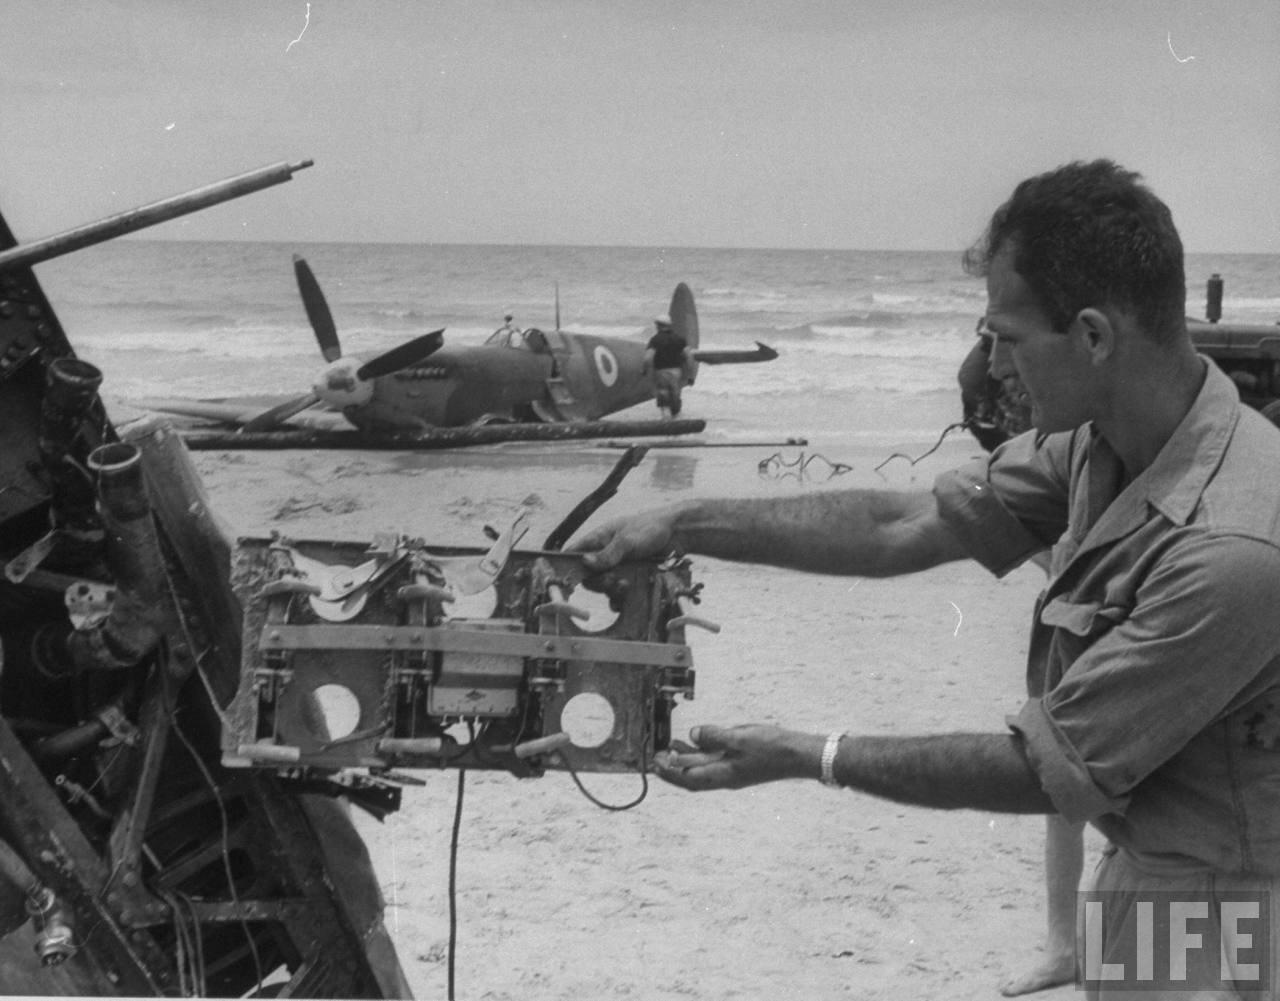 1948. Солдат рассматривает сбитый египетский «Спитфайер» на пляже Тель-Авива